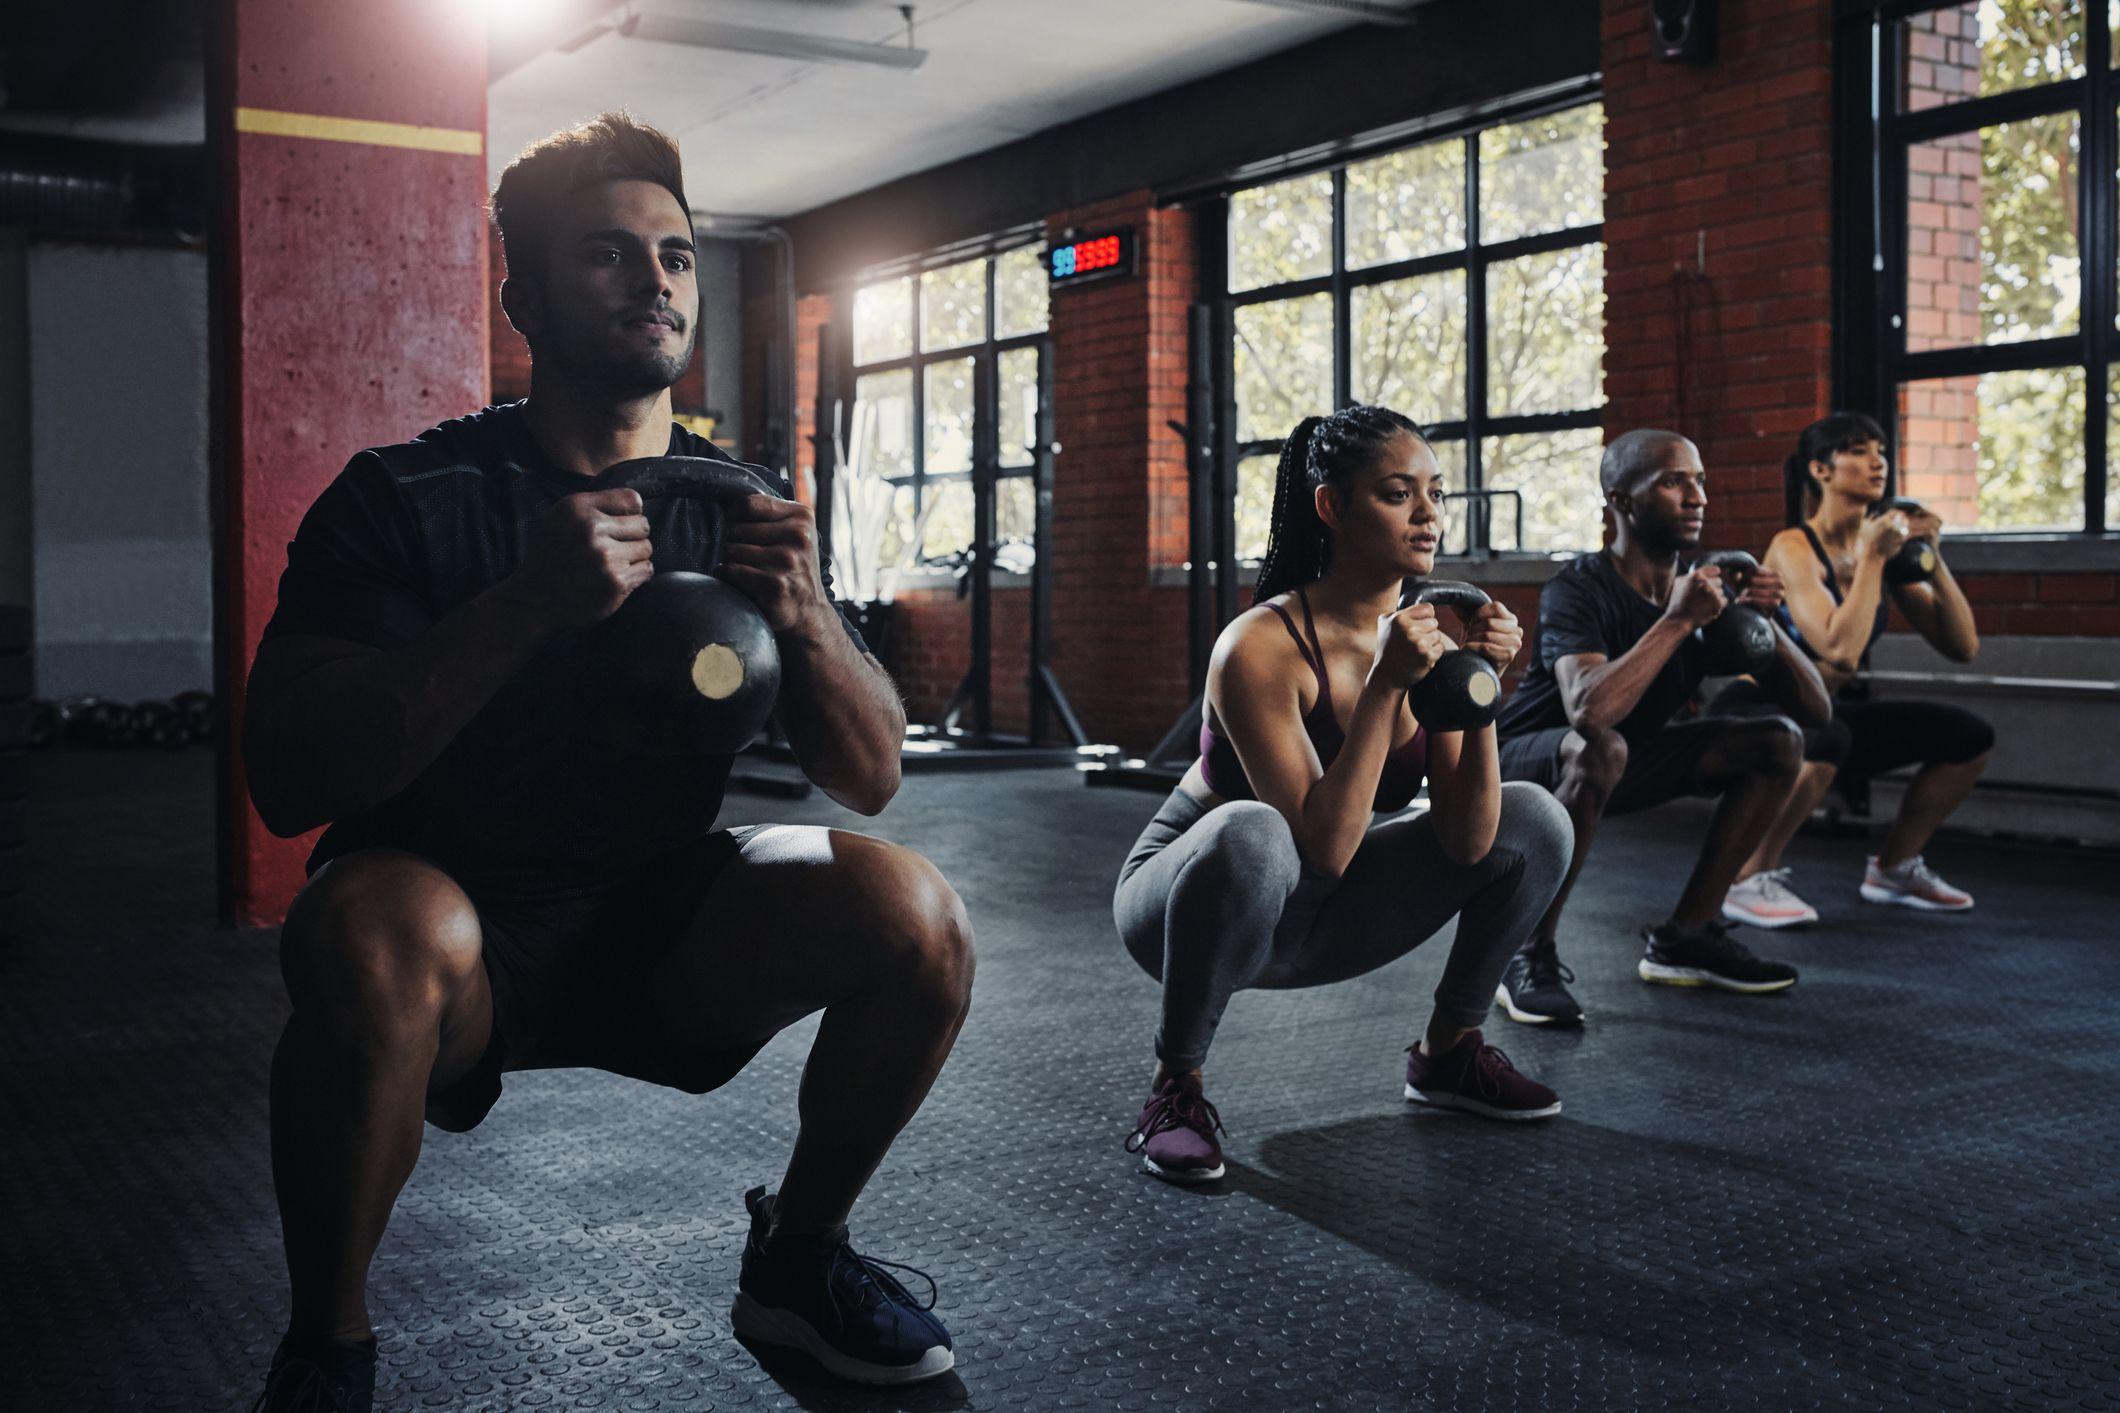 Buscamos el WOD de CrossFit perfecto para recuperarnos de los excesos del verano